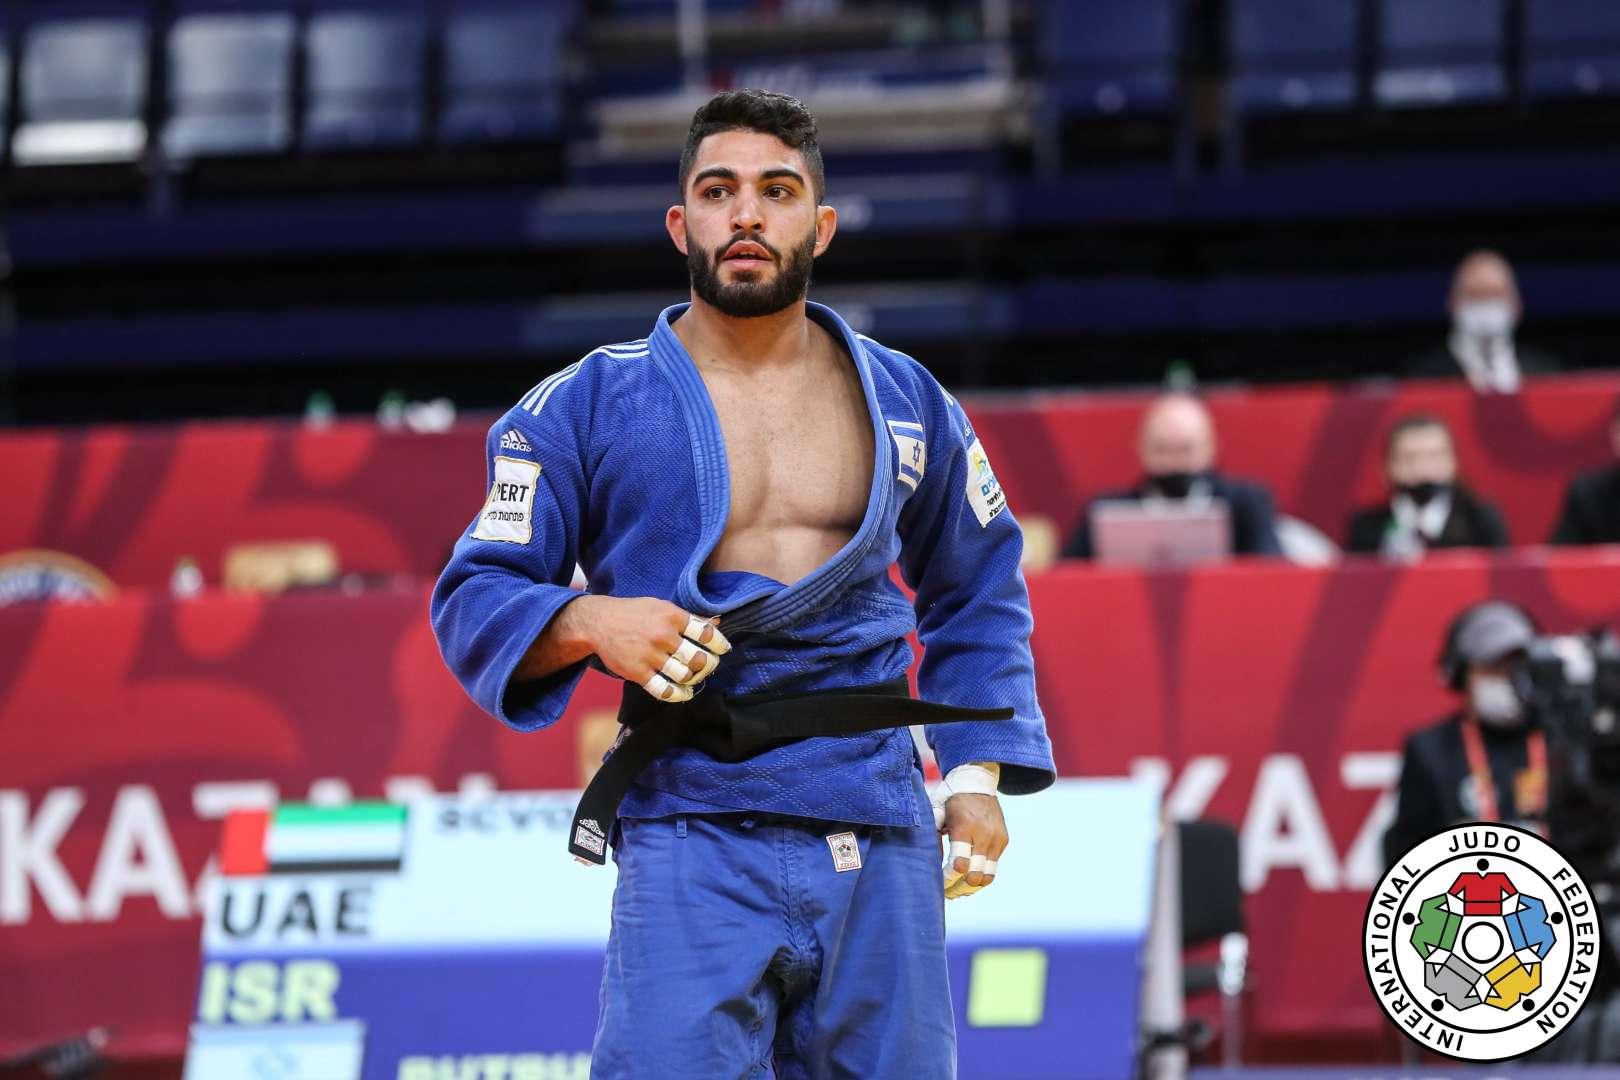 Visszalépett egy algériai dzsúdós az olimpiától, csak hogy ne kelljen kiállnia izraeli ellenféllel – Kibic Magazin